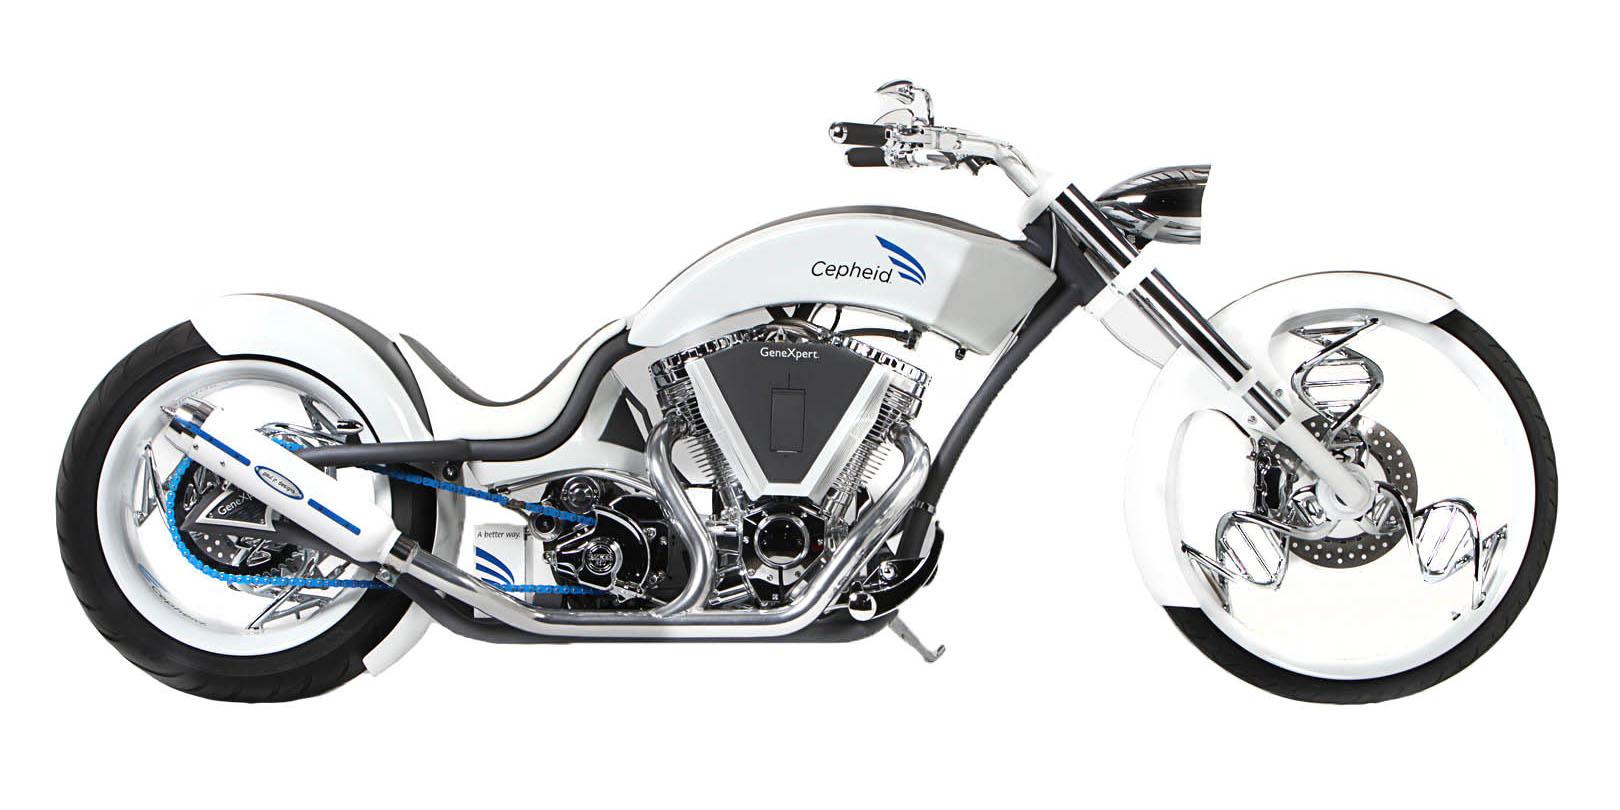 paul-jr-designs-cepheid-bike-017-1